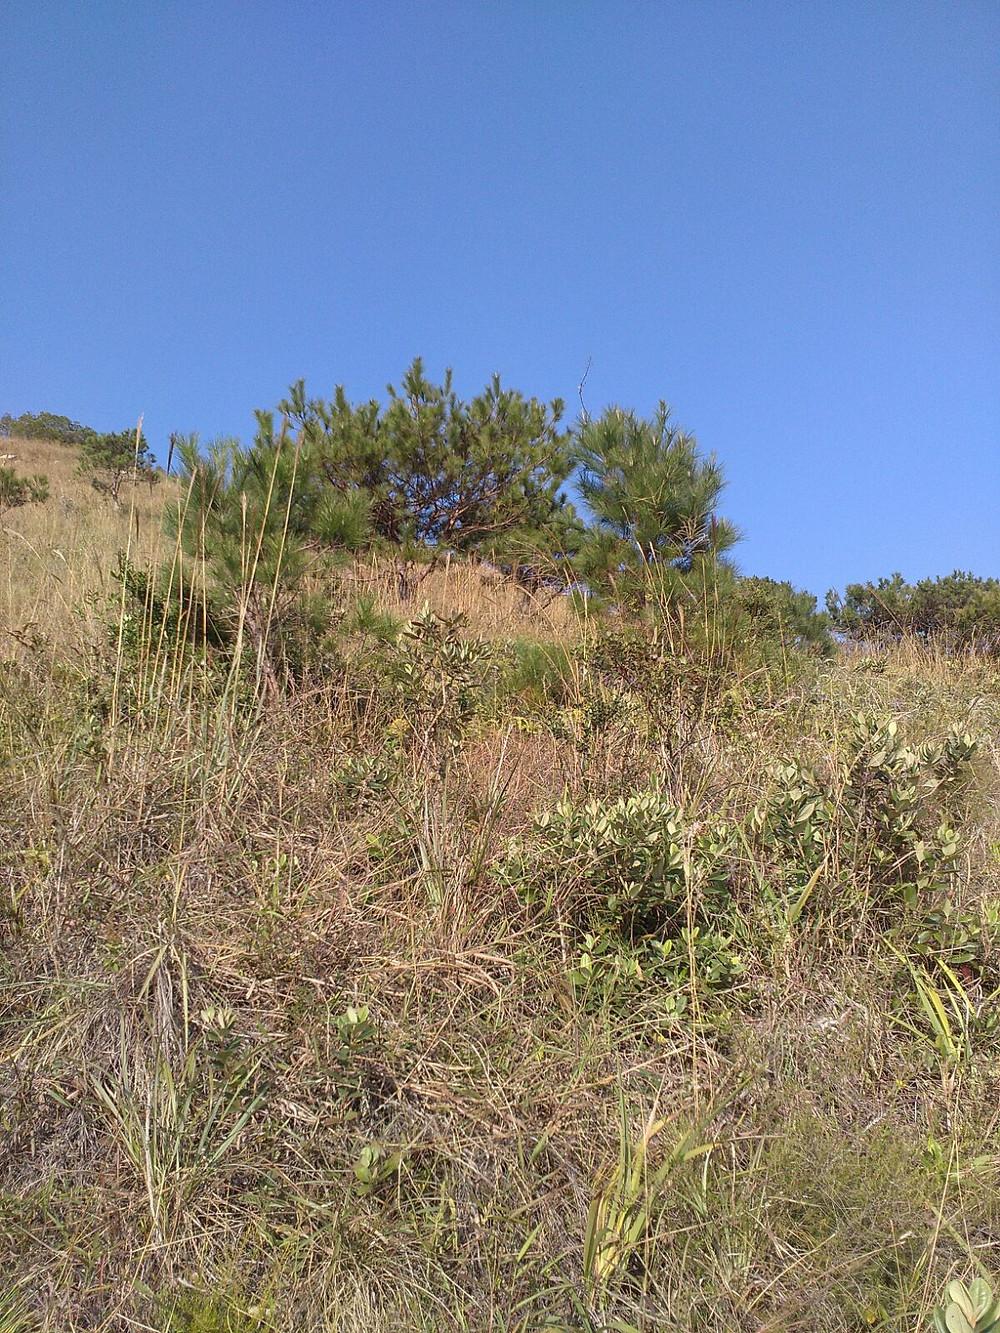 松針來源 - 山來野生松樹